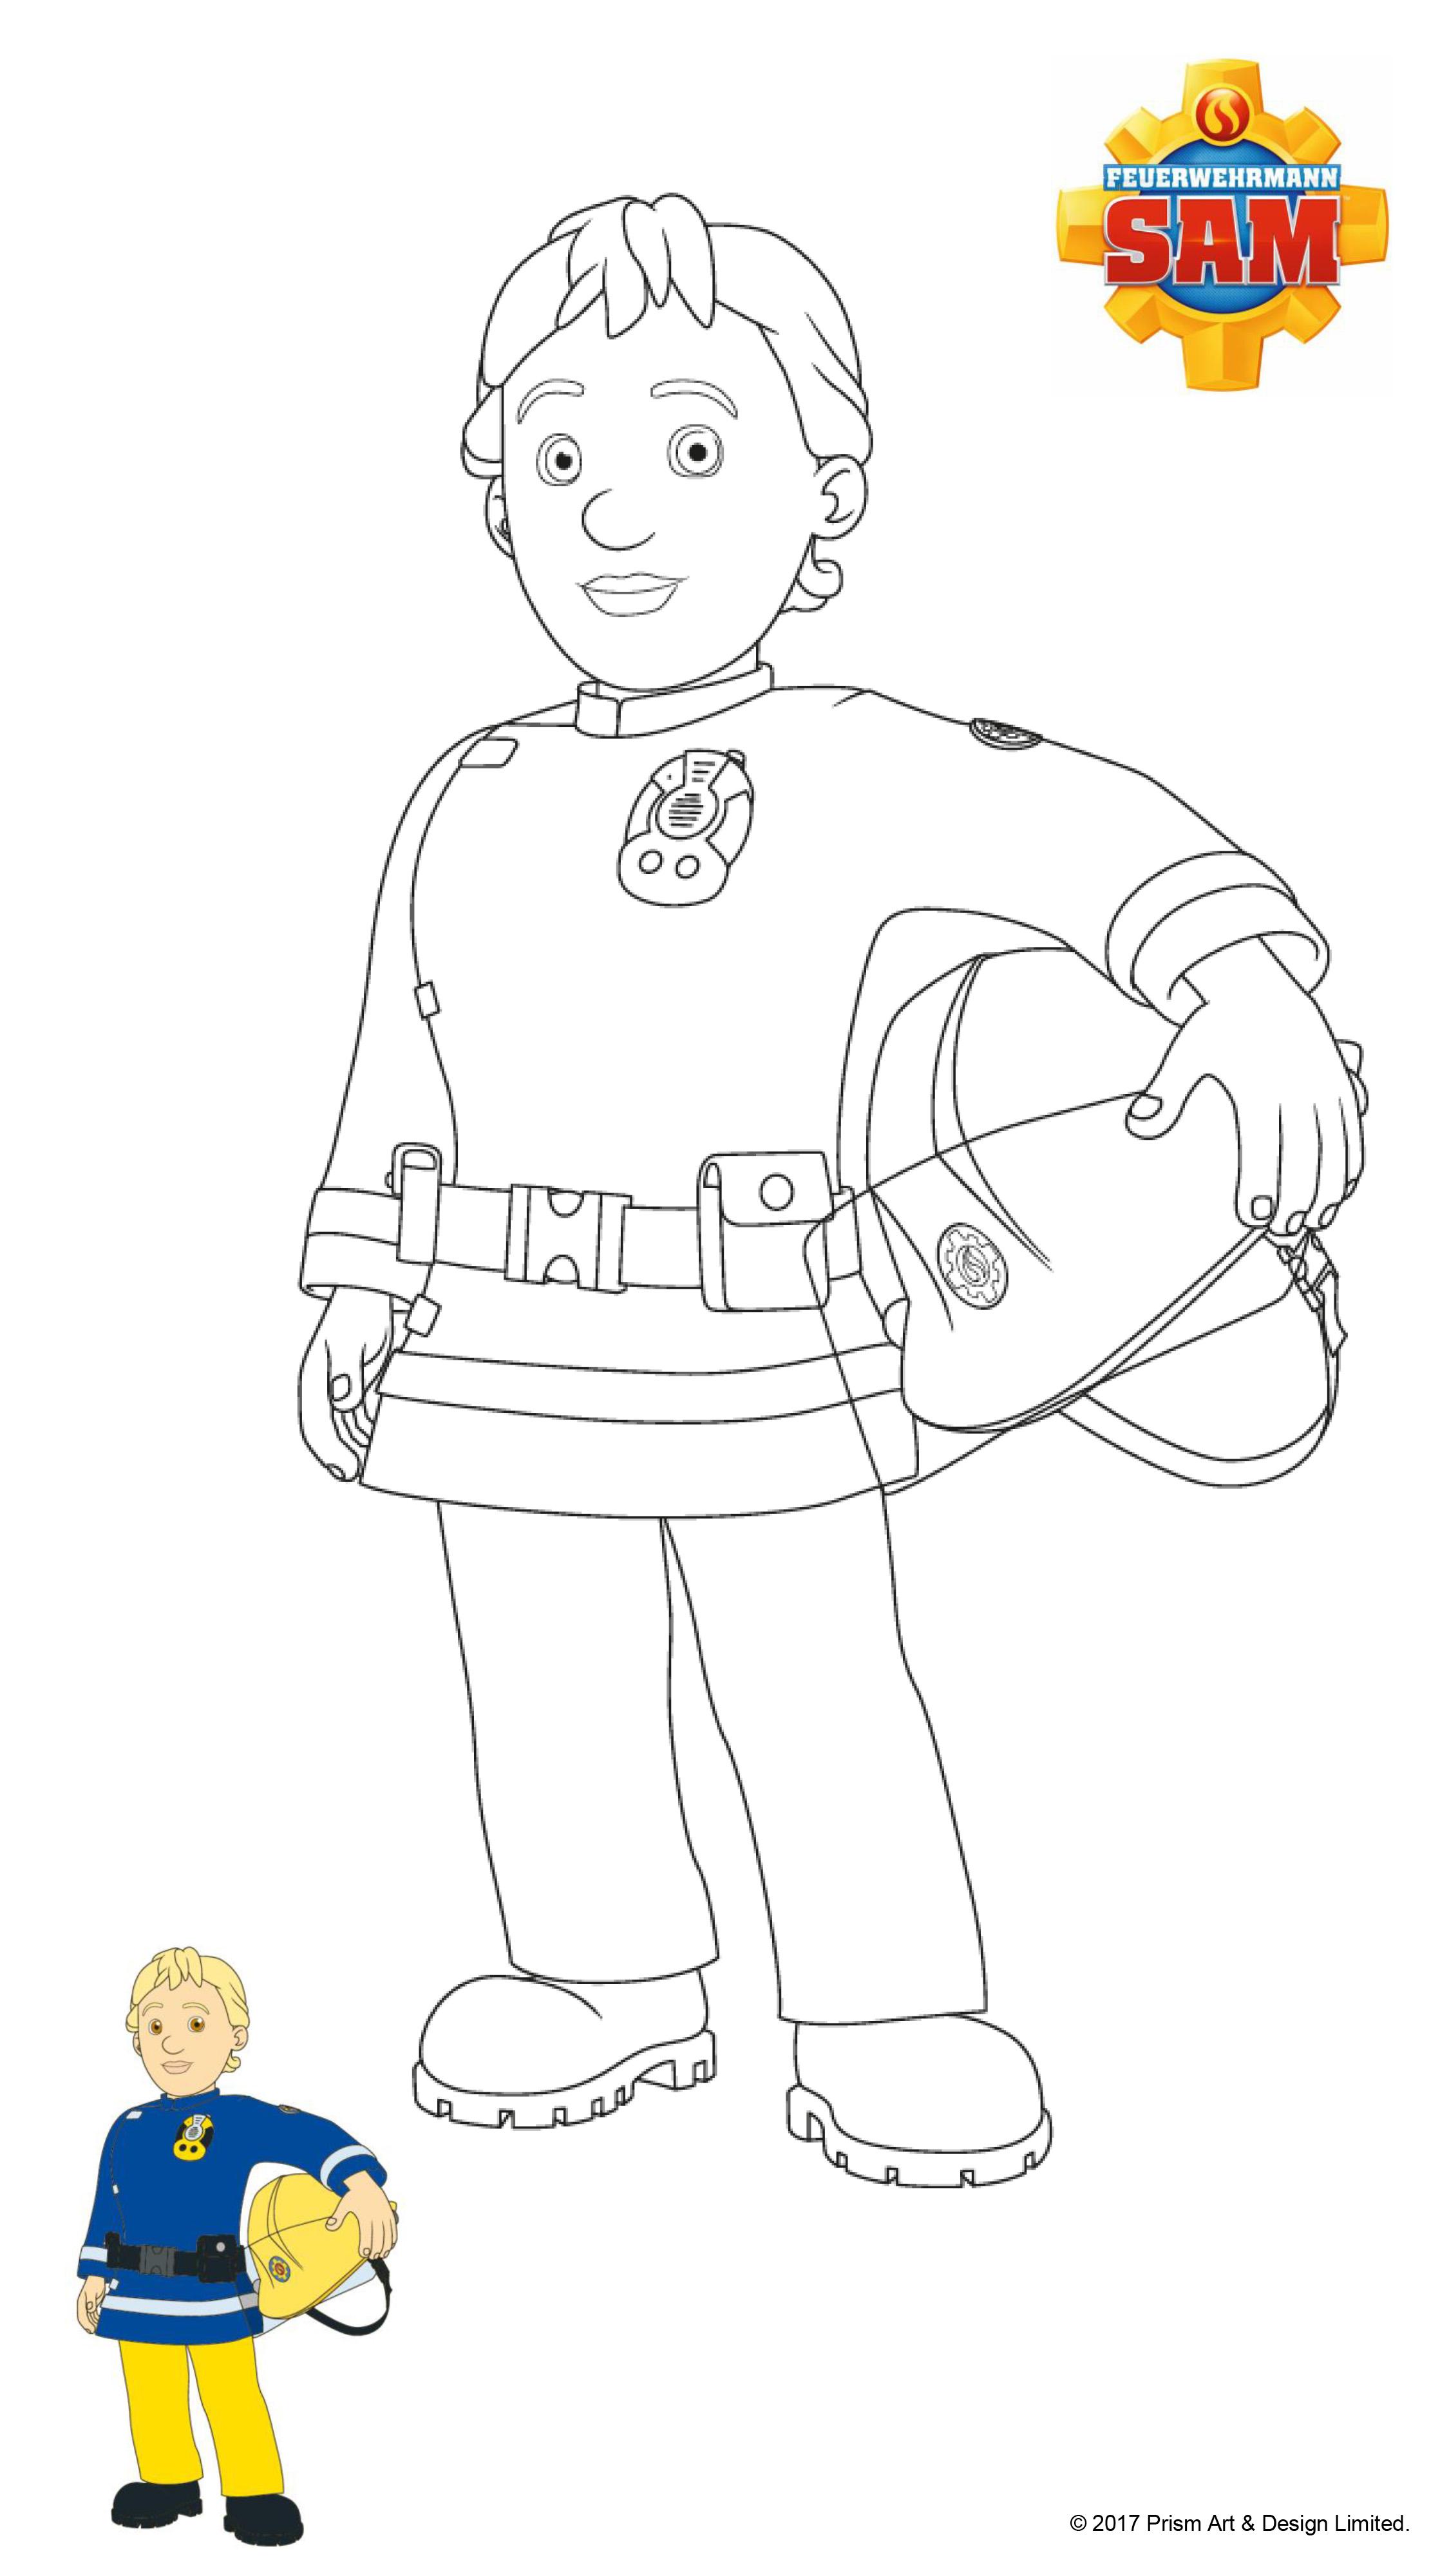 Feuerwehrmann Sam Ausmalbilder - Sam mit Helm